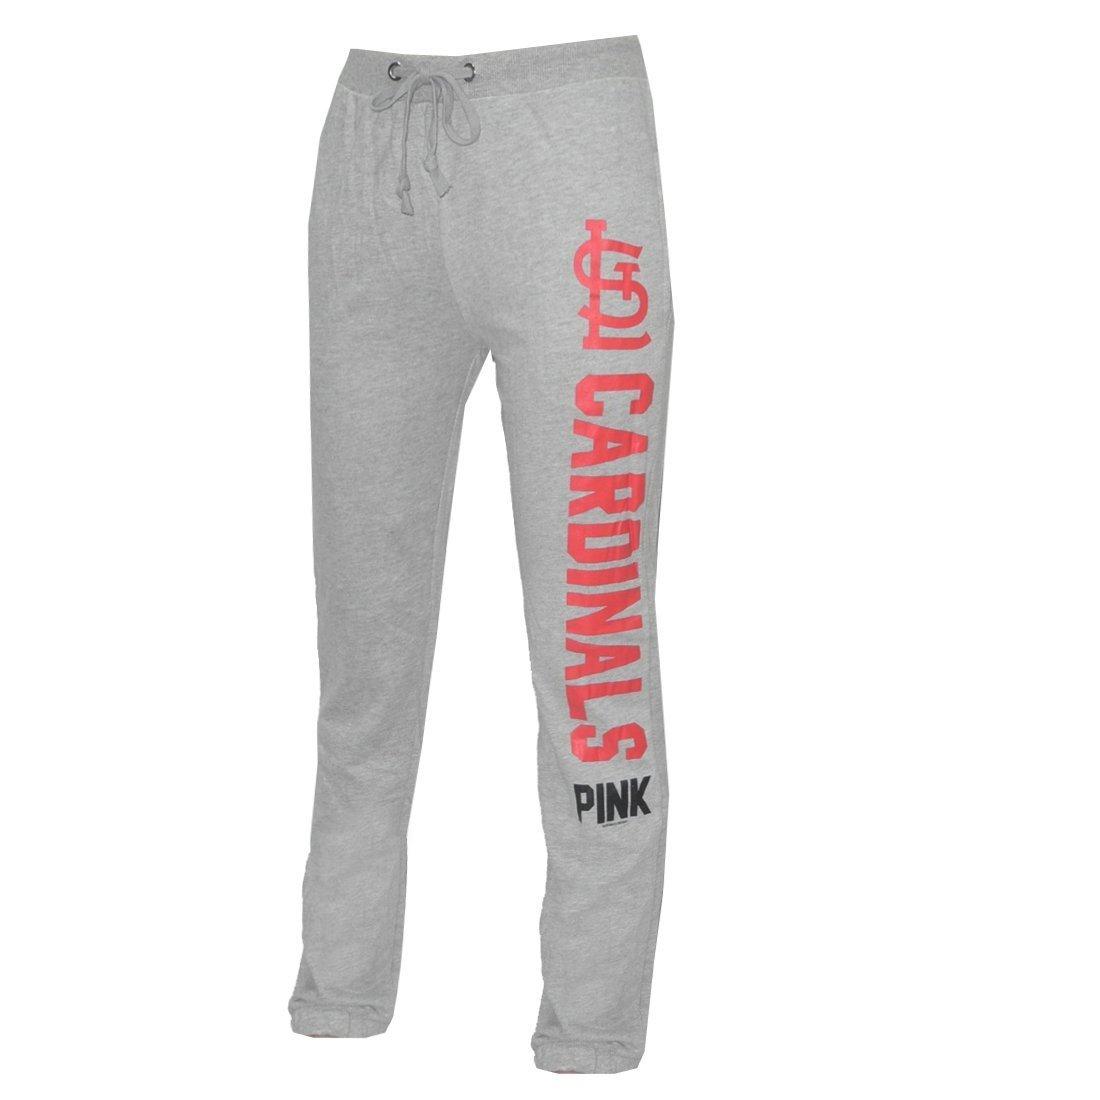 Mujer rosa Victoria Secret MLB St, Louis Cardinals Slim algodón/pantalones de pijama pijamas de ajuste Gris gris Talla:mediano: Amazon.es: Deportes y aire ...